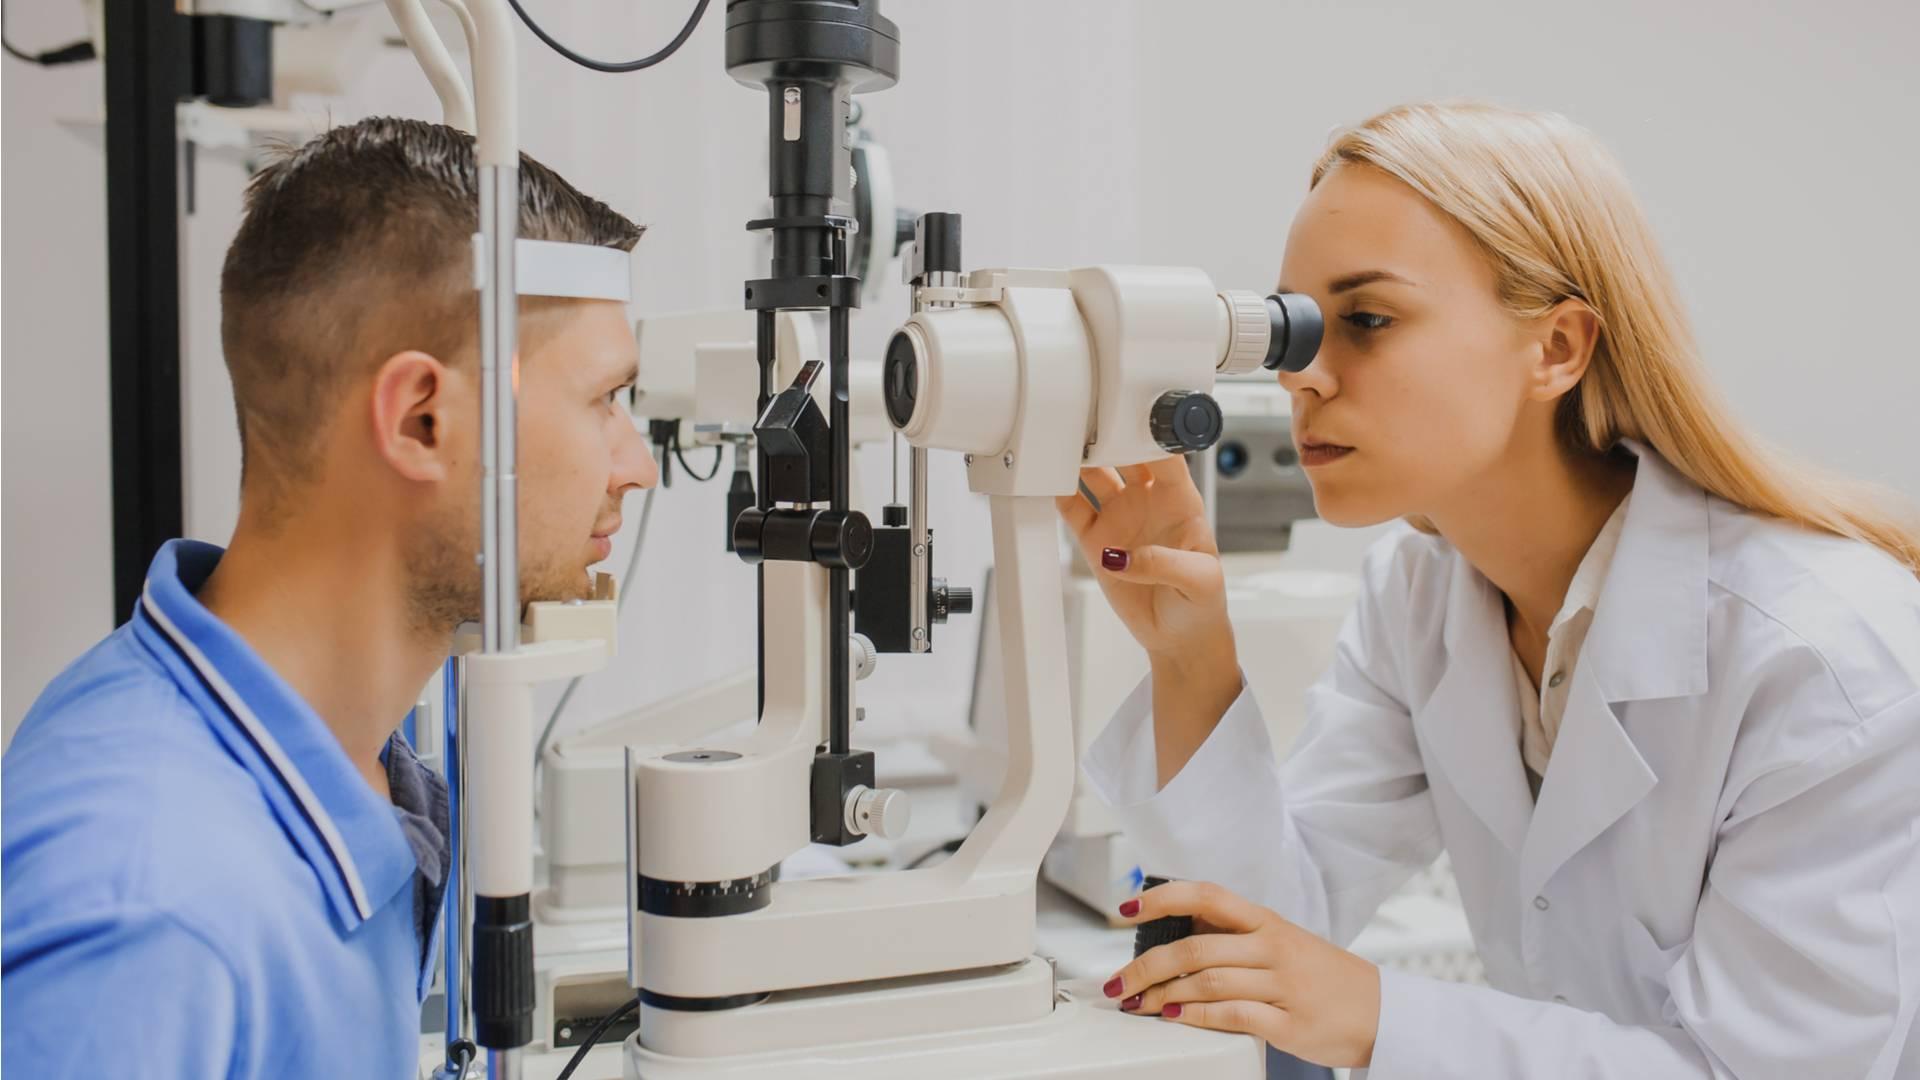 Офтальмология в германии - лечение глаз на высшем уровне! : yy medconsulting gmbh